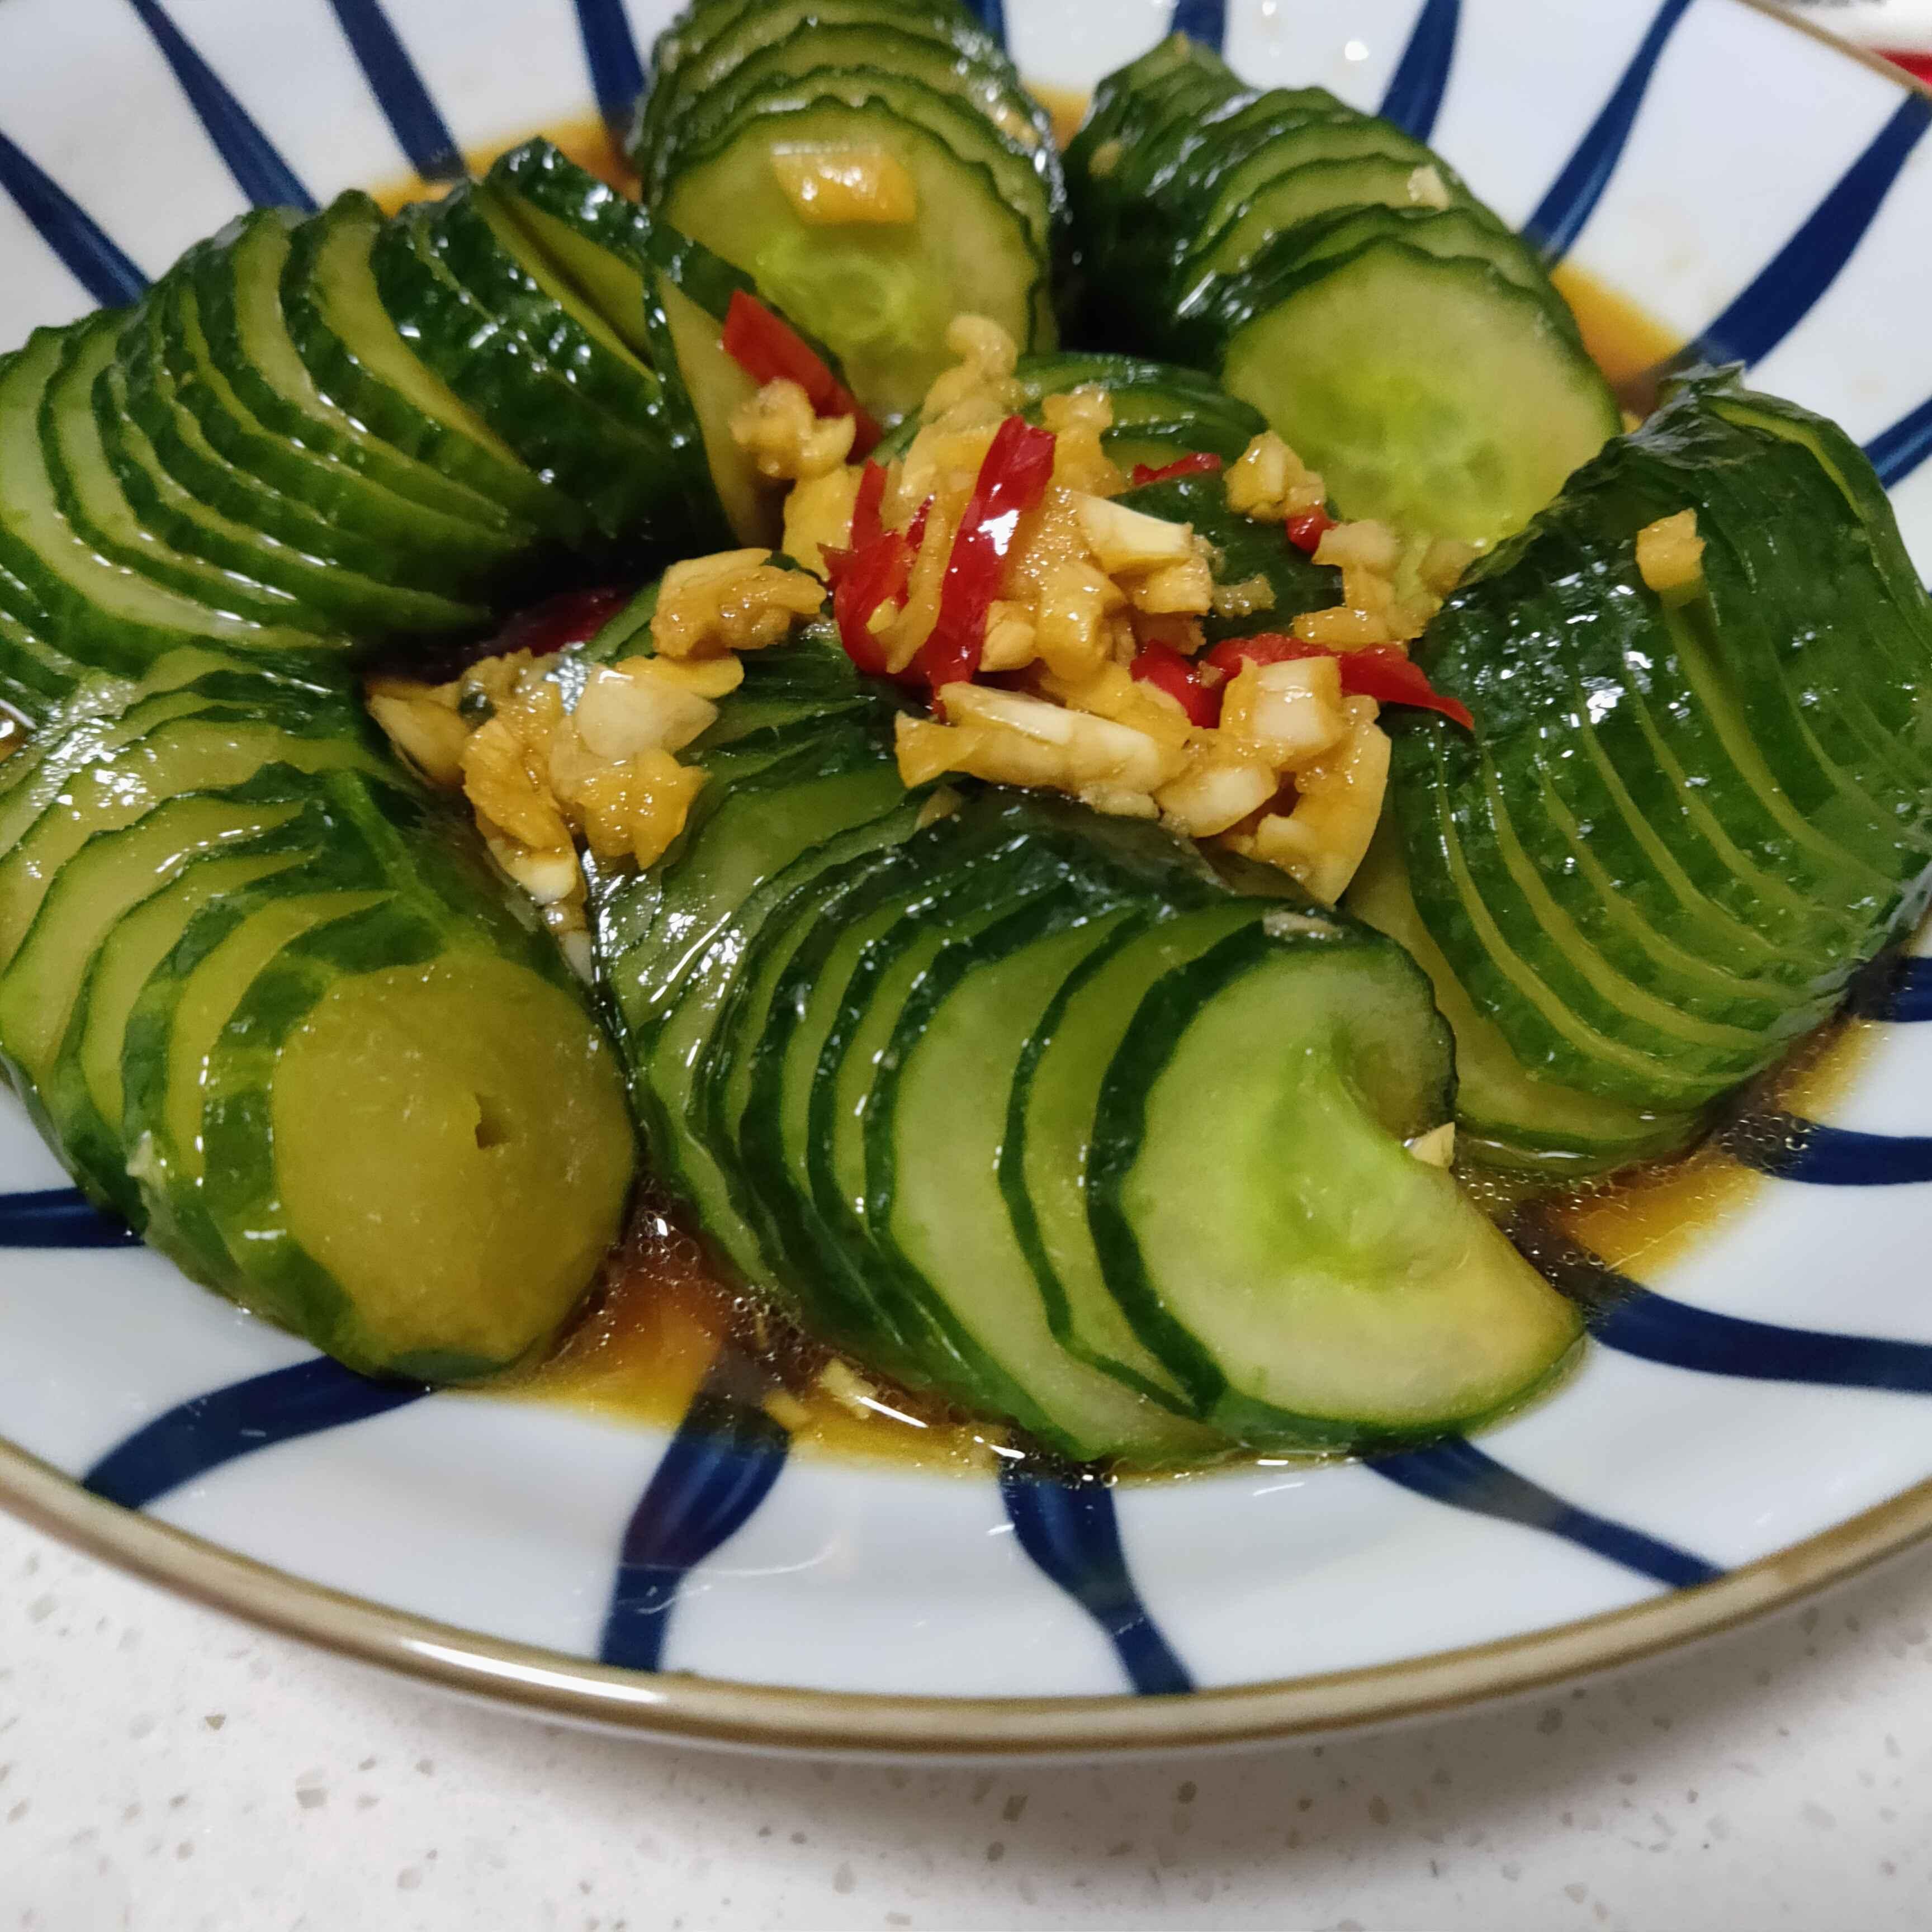 凉拌黄瓜的简单做法